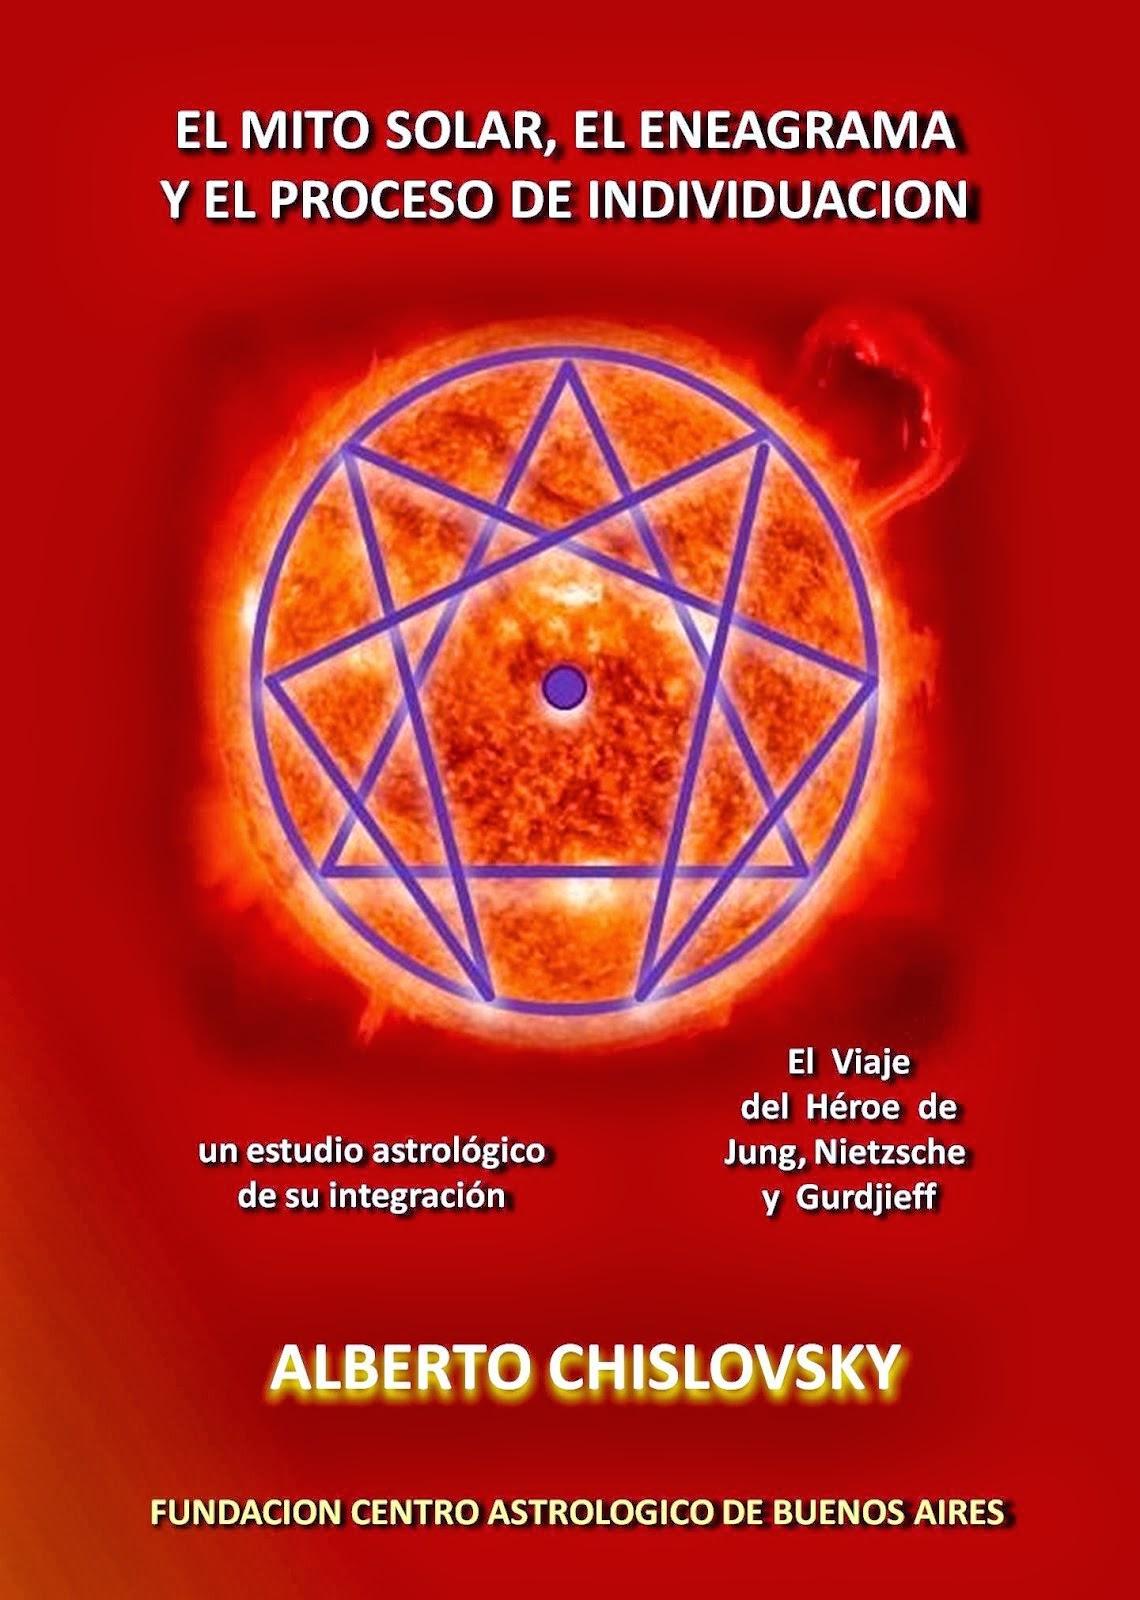 El Mito Solar, el Eneagrama y el Proceso de Individuación